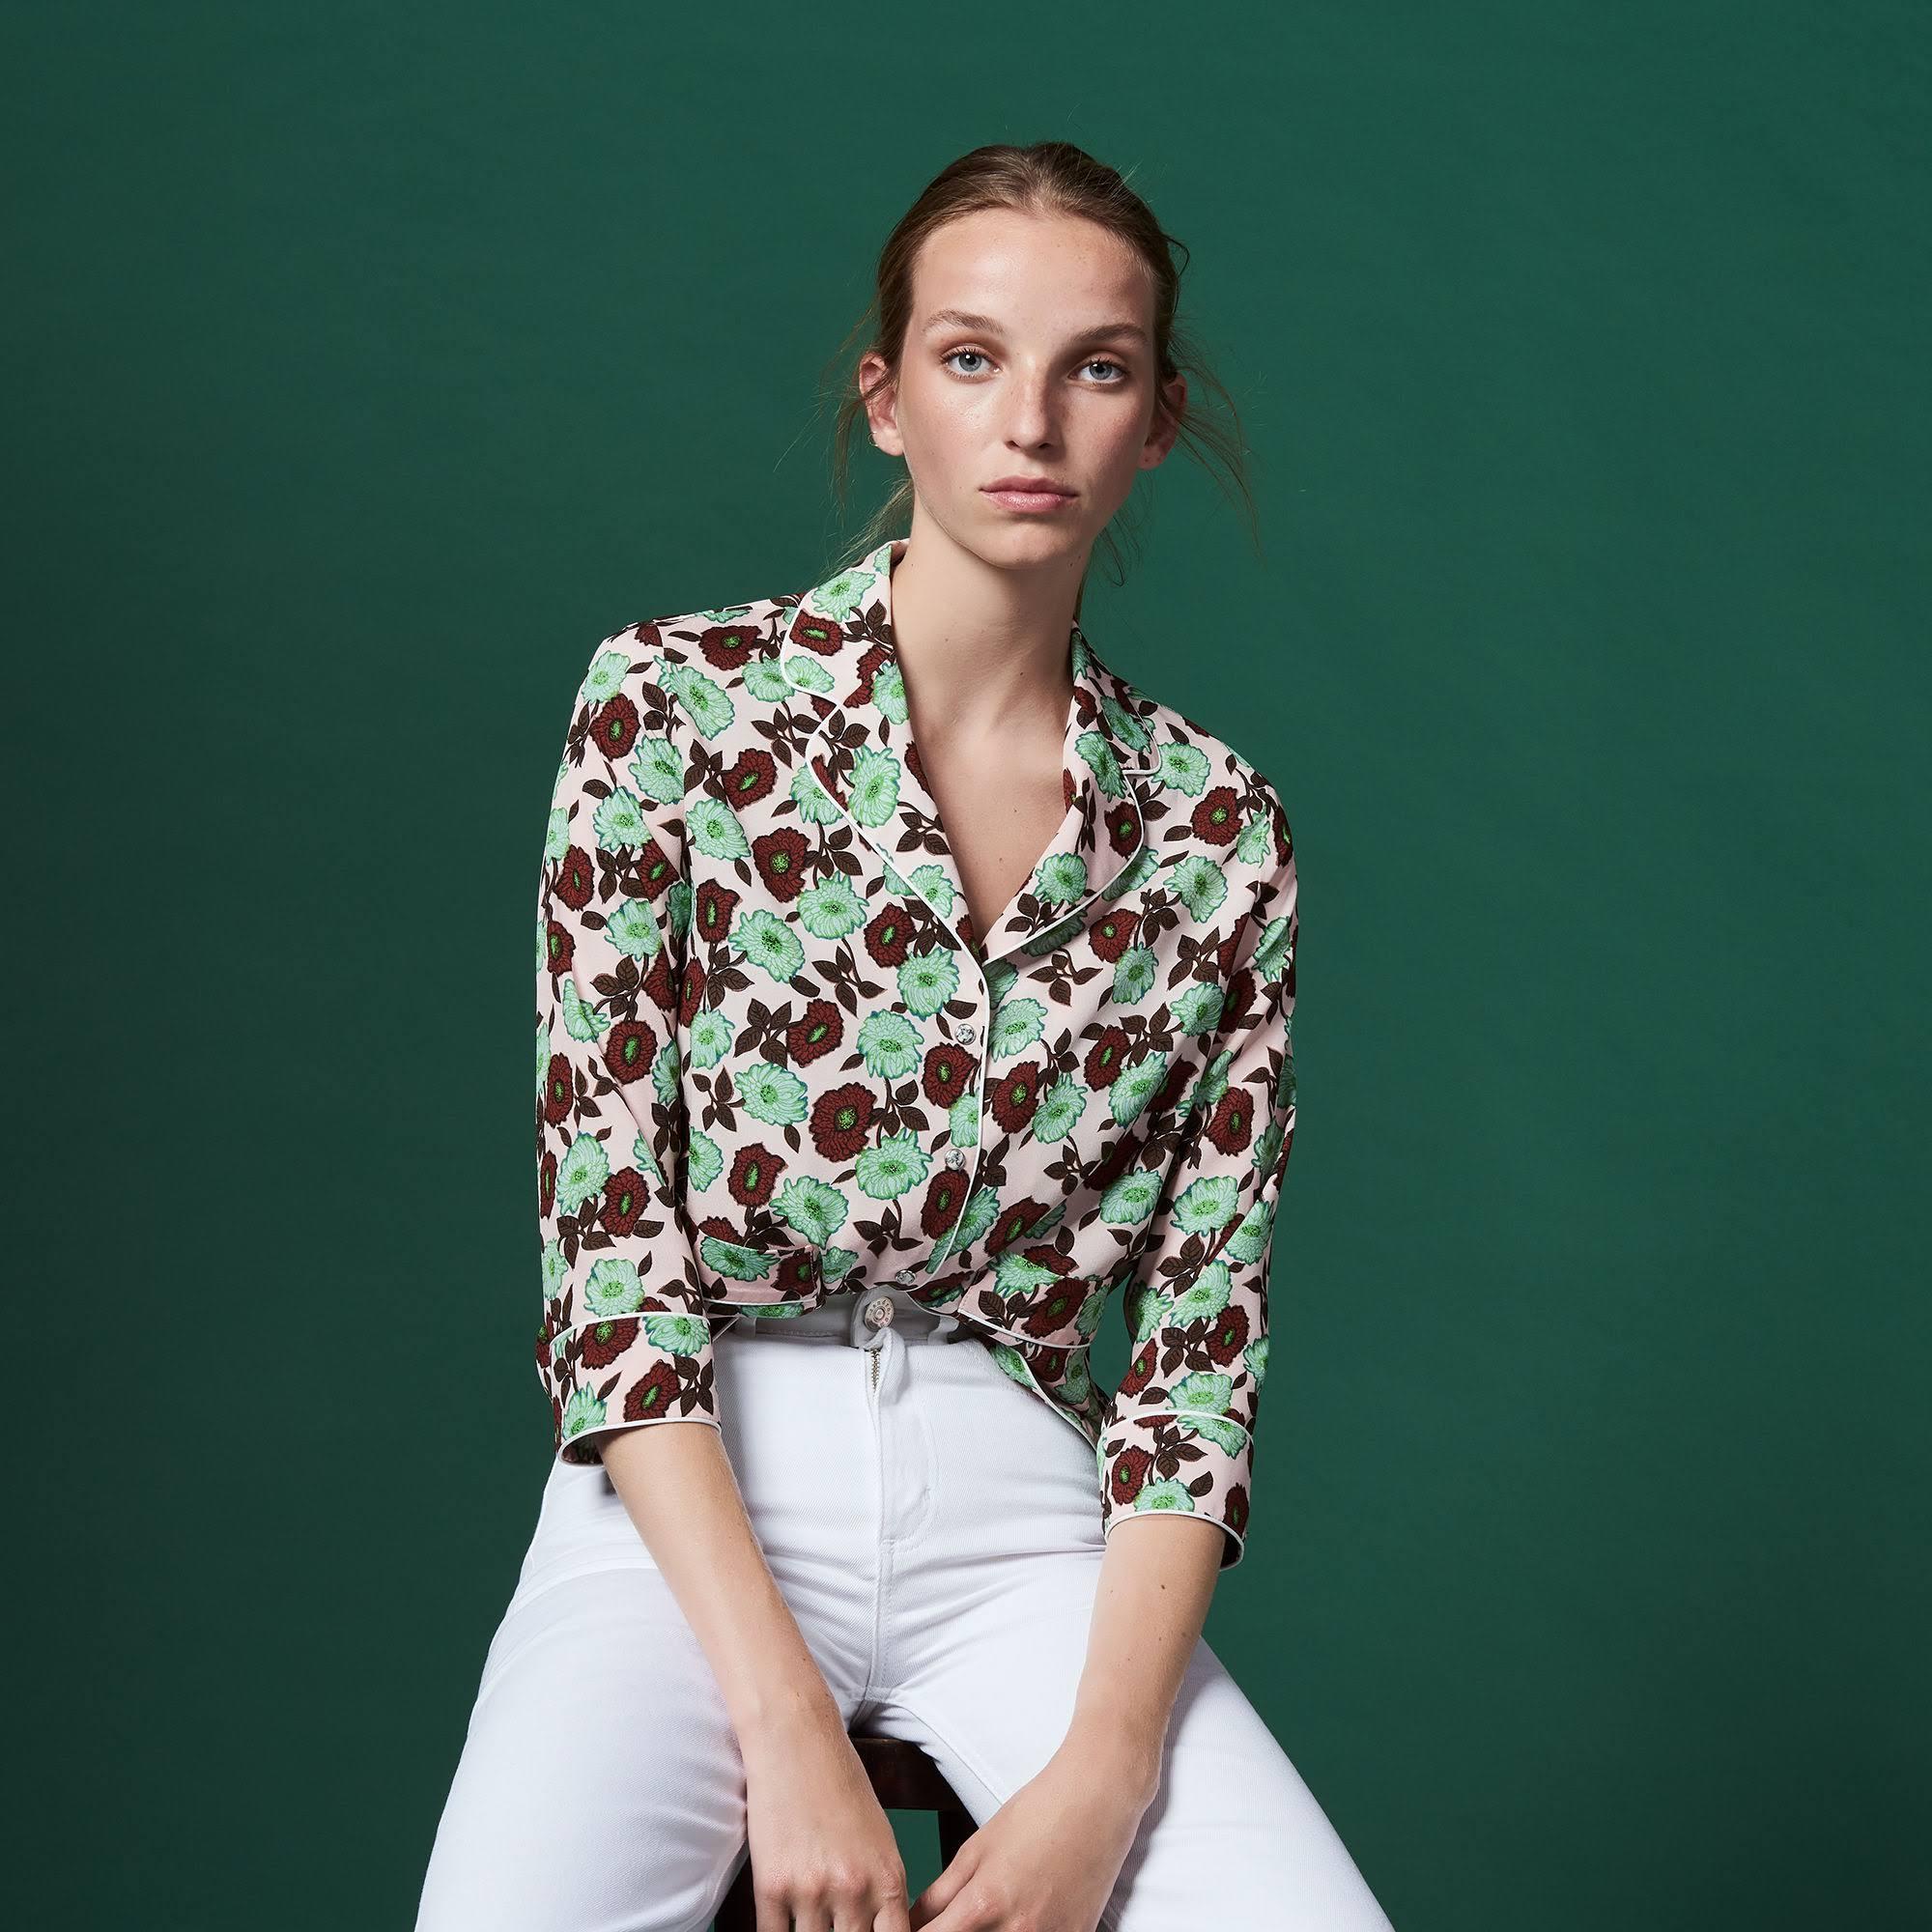 Camisa Con De Pétalo Estampado Floral Sandro Crepé vPv7rwx